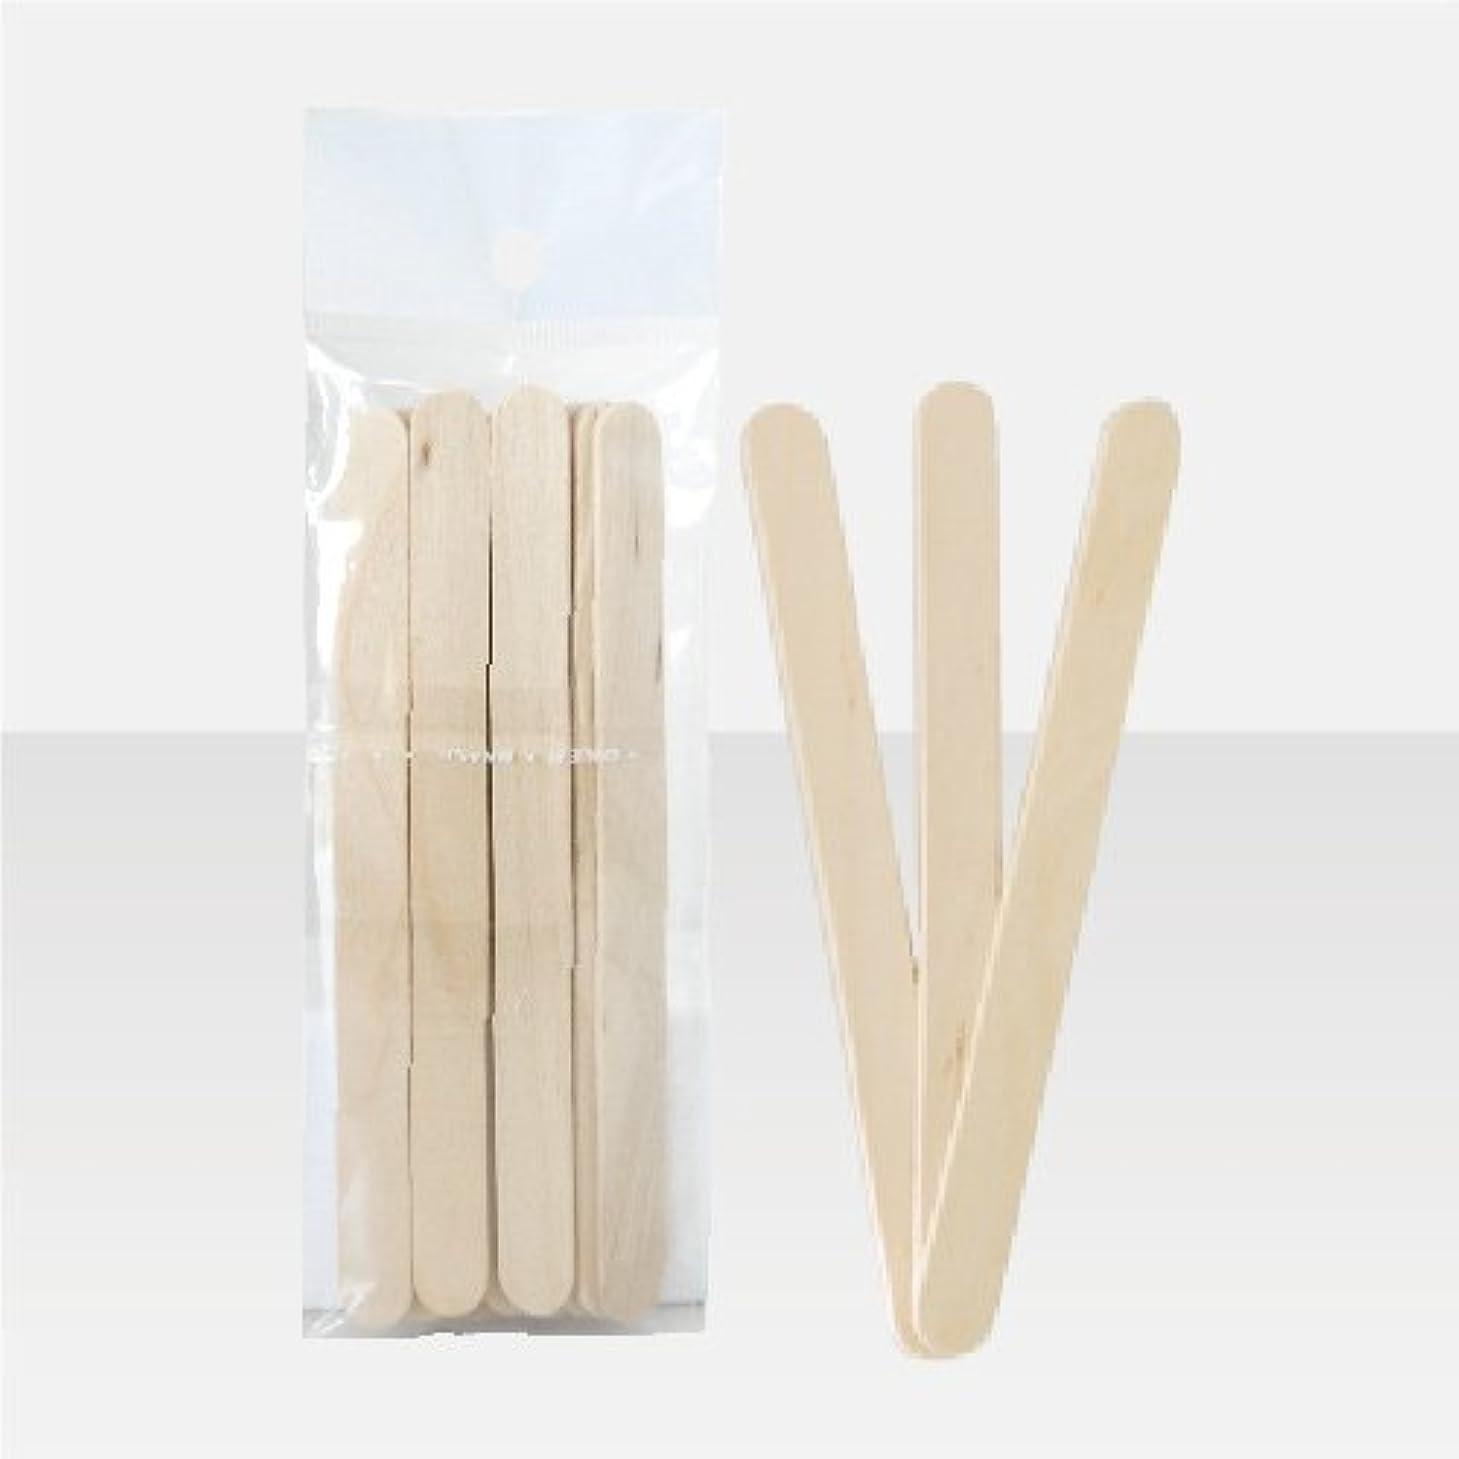 渦触手縮約ブラジリアンワックス 脱毛ワックス用  ワックススパチュラ 木ベラ /10本セット Sサイズ